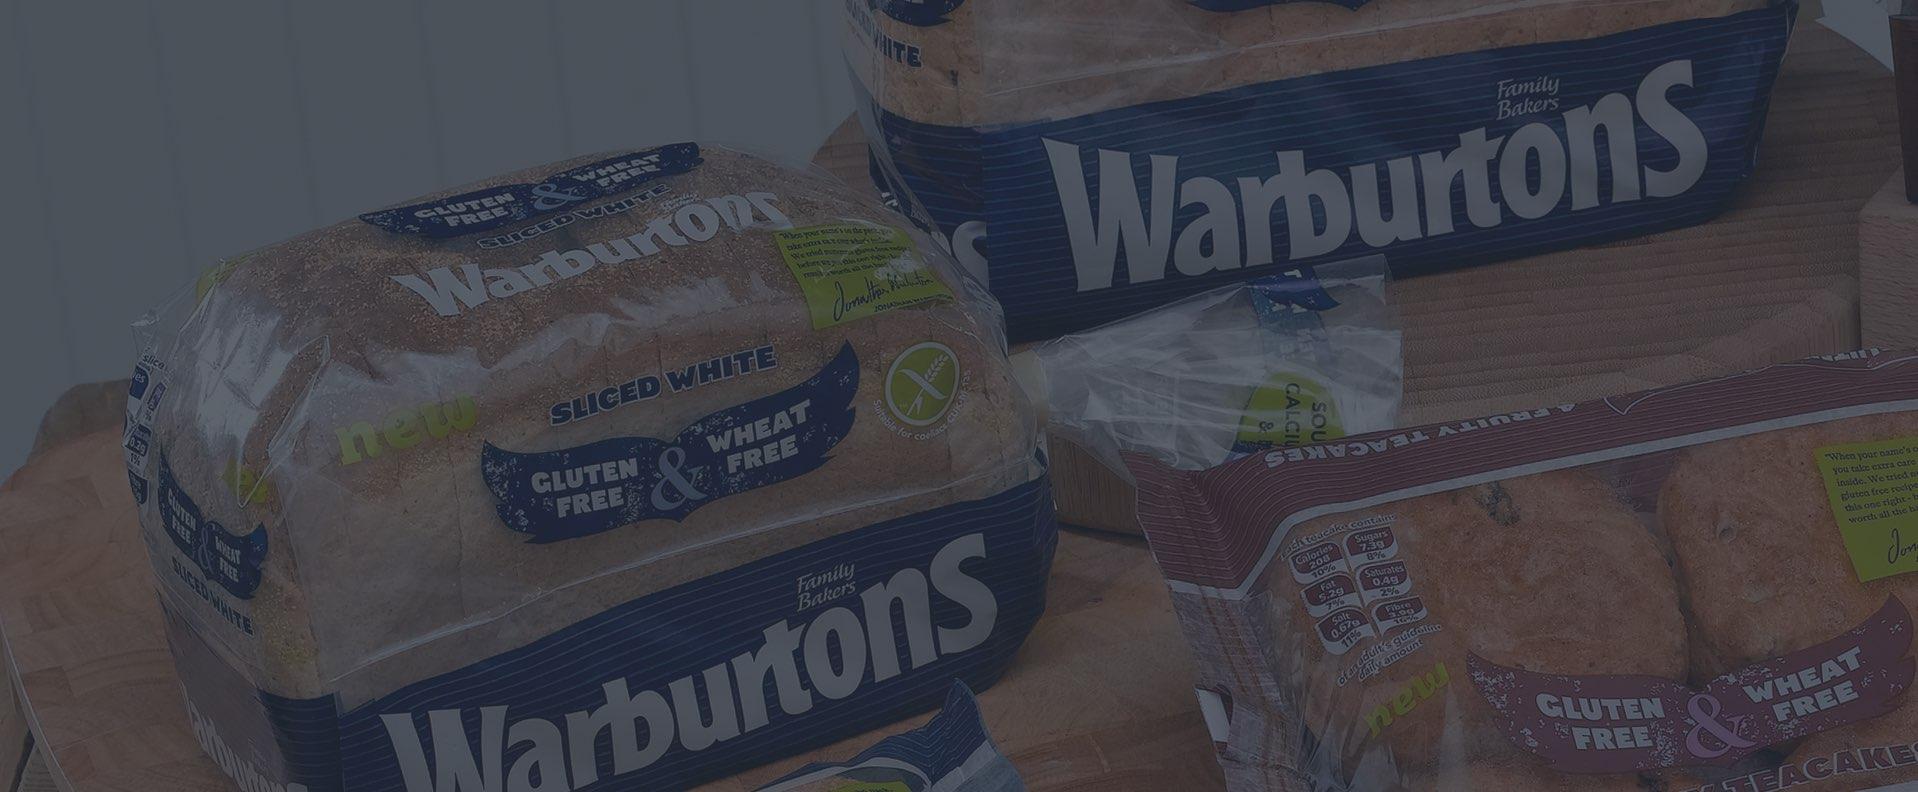 warburtons-header.jpg